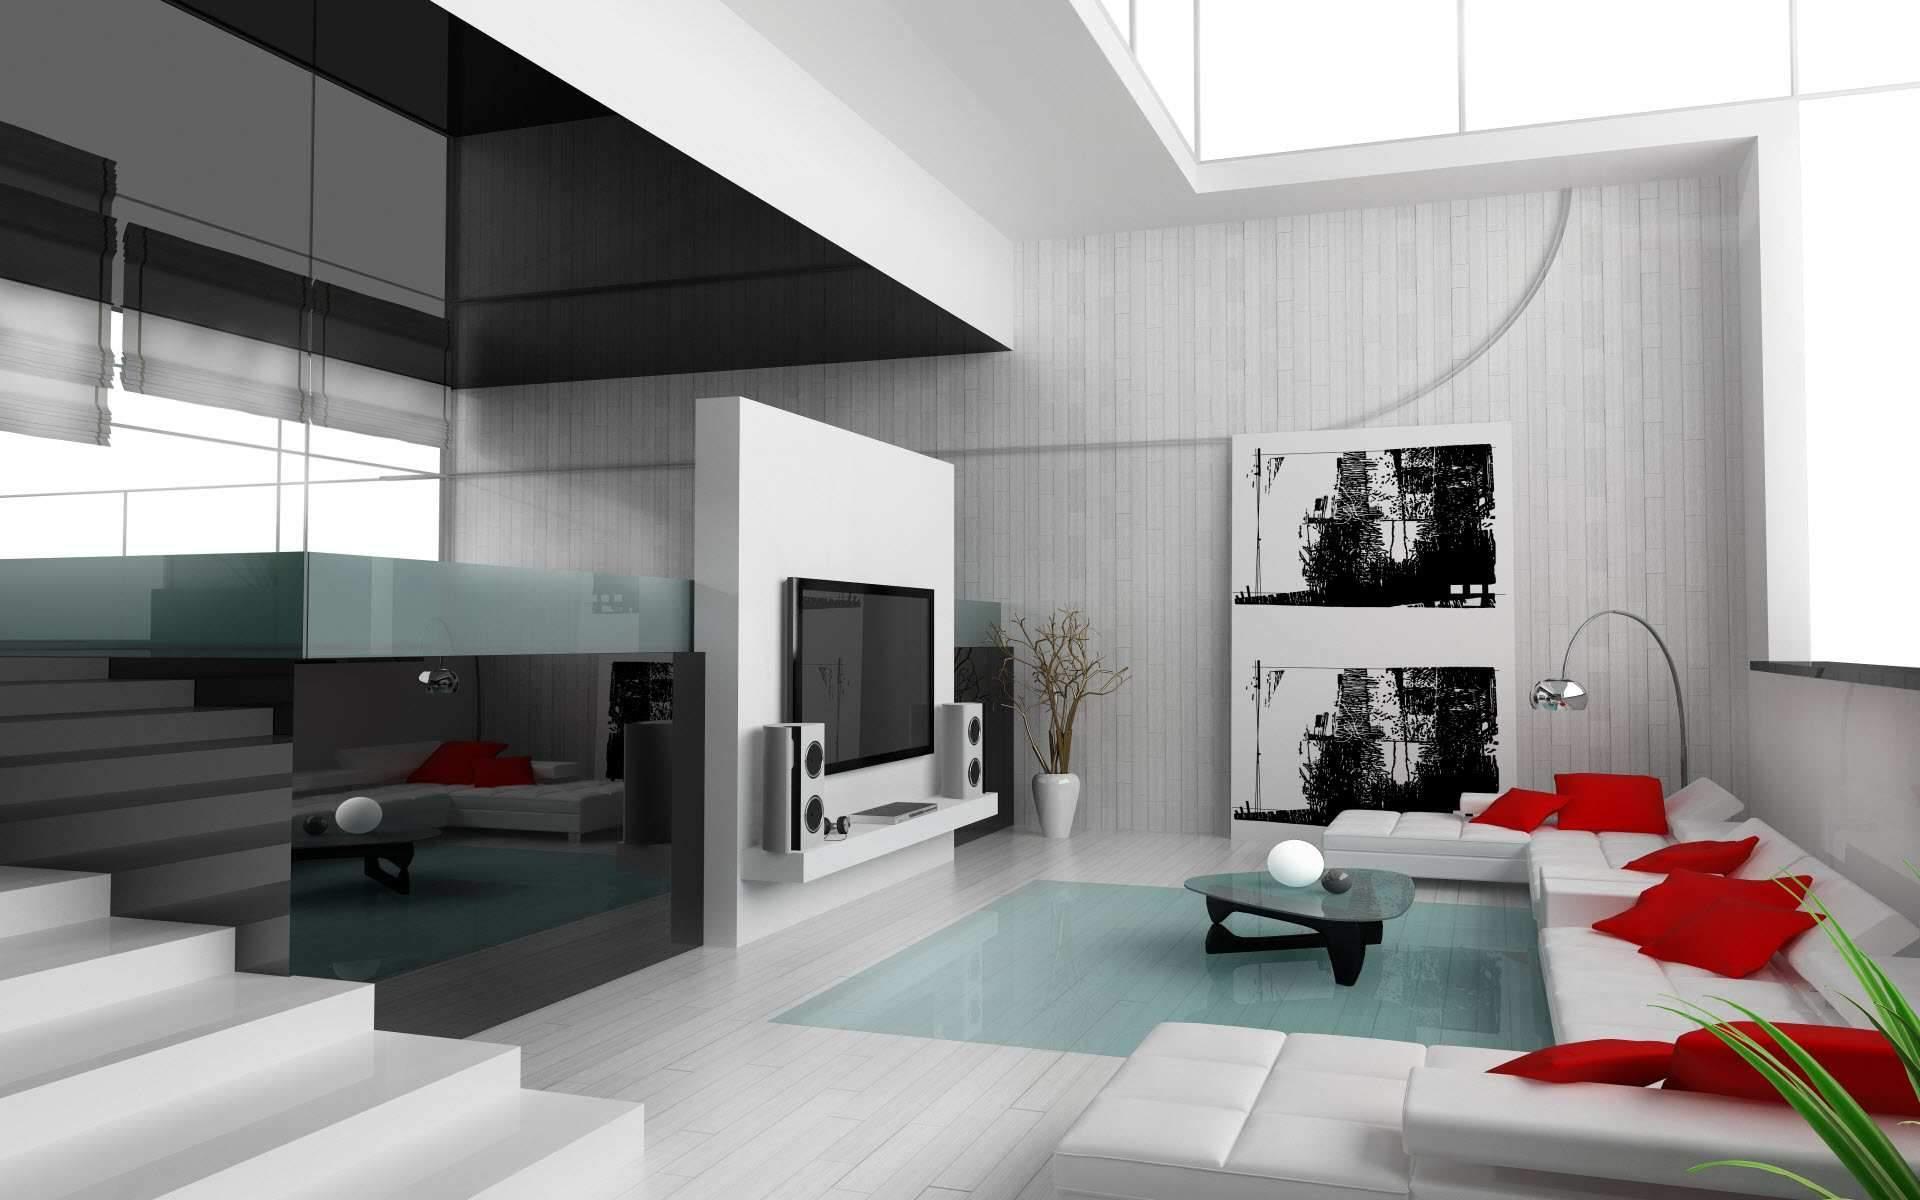 Décoration intérieure maison moderne - Design en image